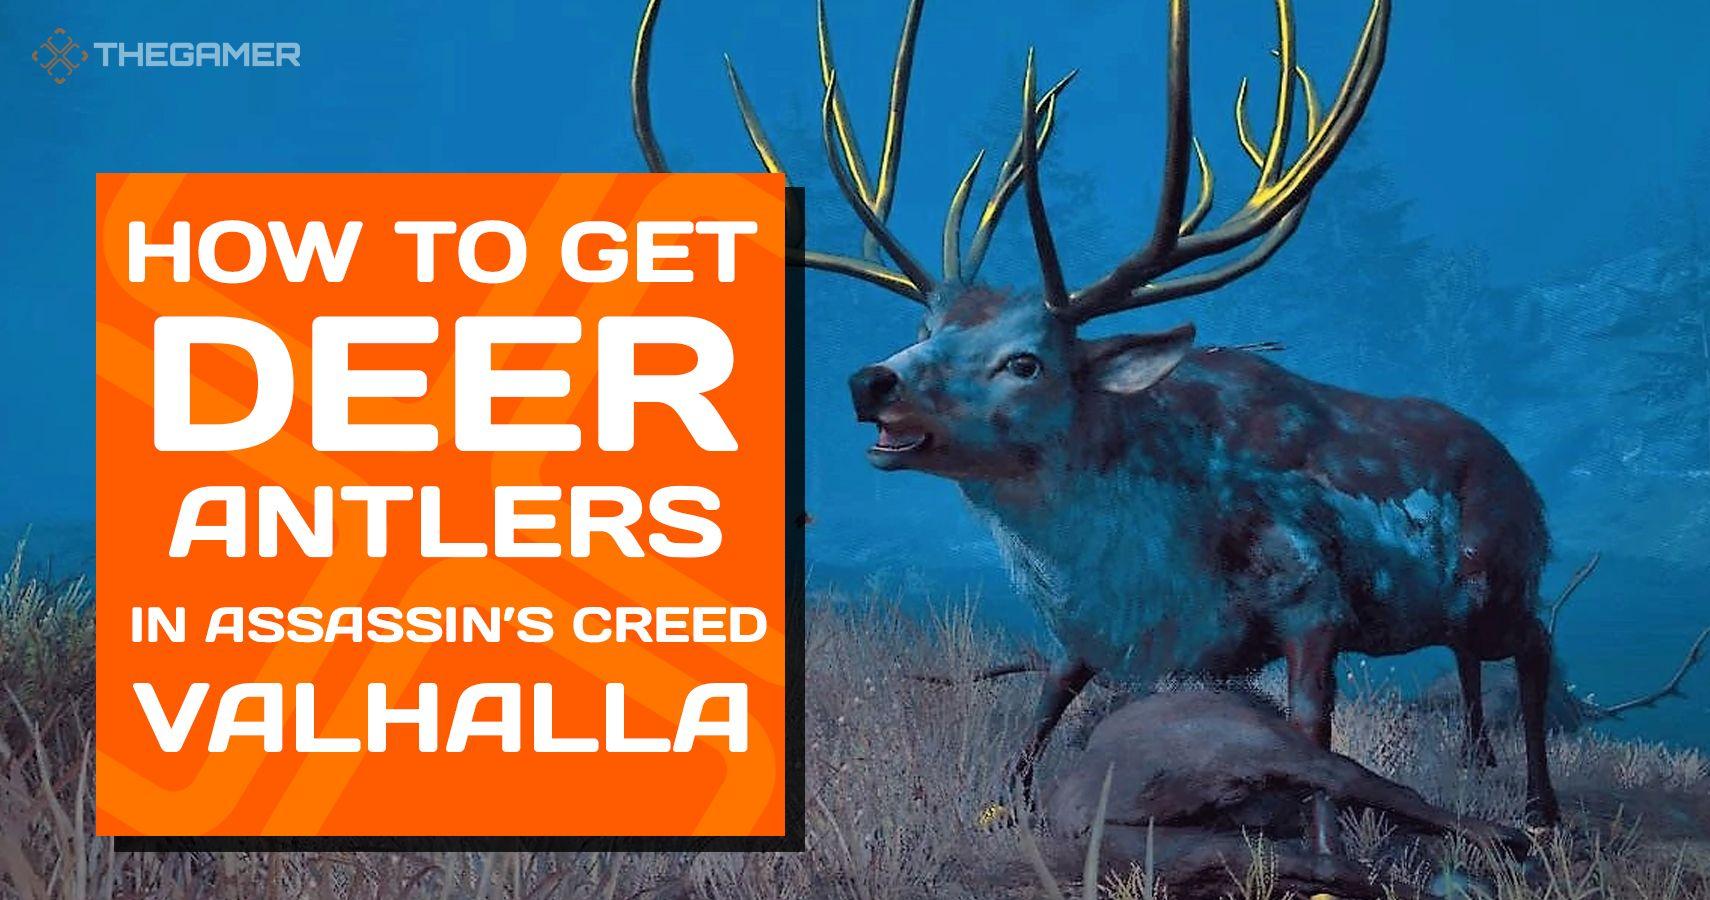 Assassin's Creed Valhalla: Cómo conseguir astas de ciervo